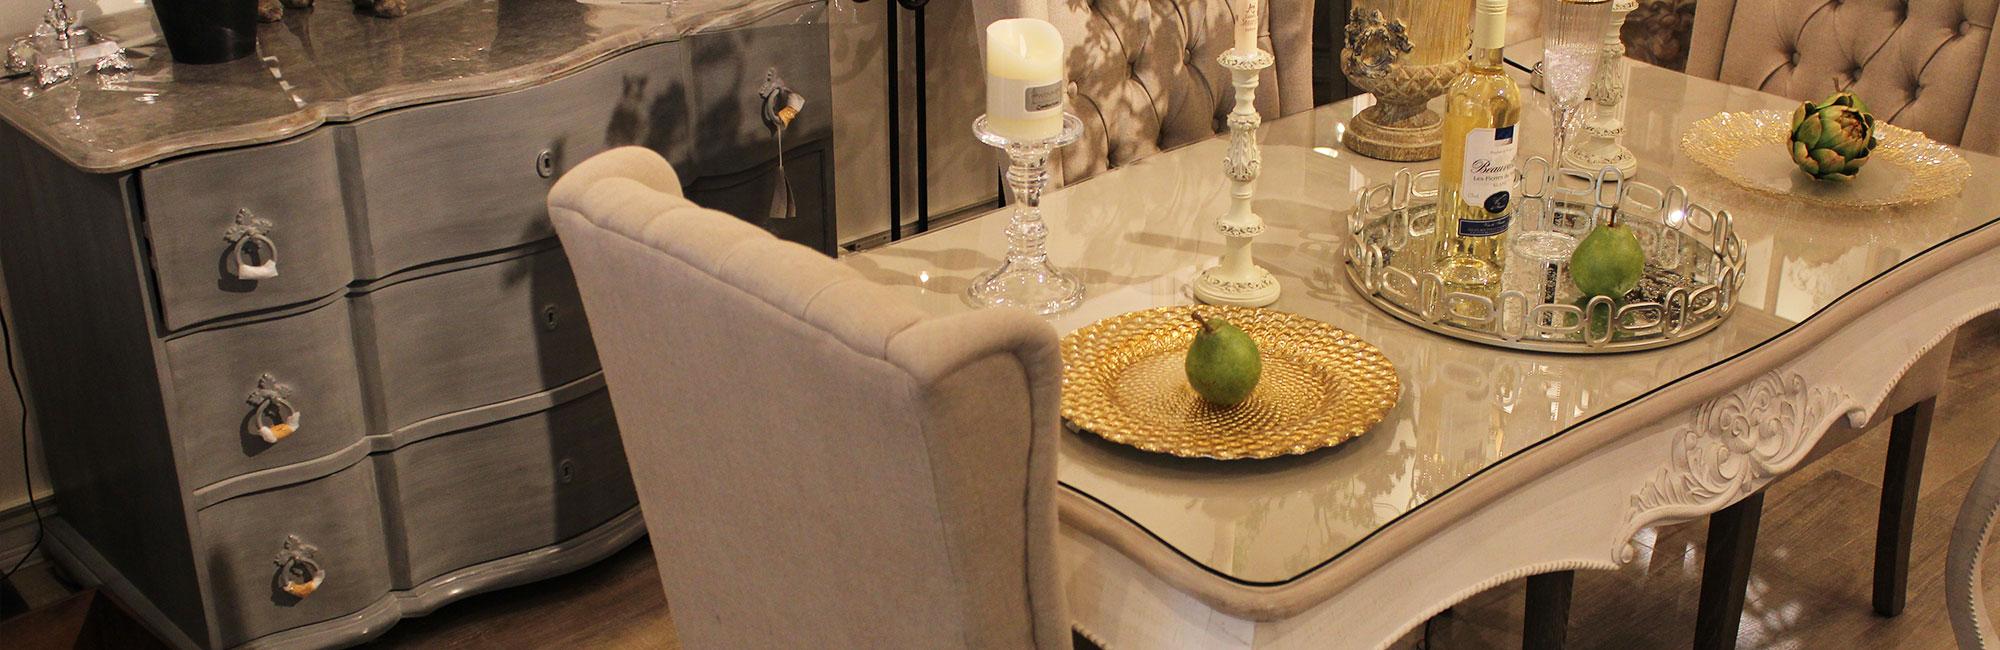 アイアン家具・ヨーロッパ直輸入家具・インテリア雑貨の通販 Alex Home Decor